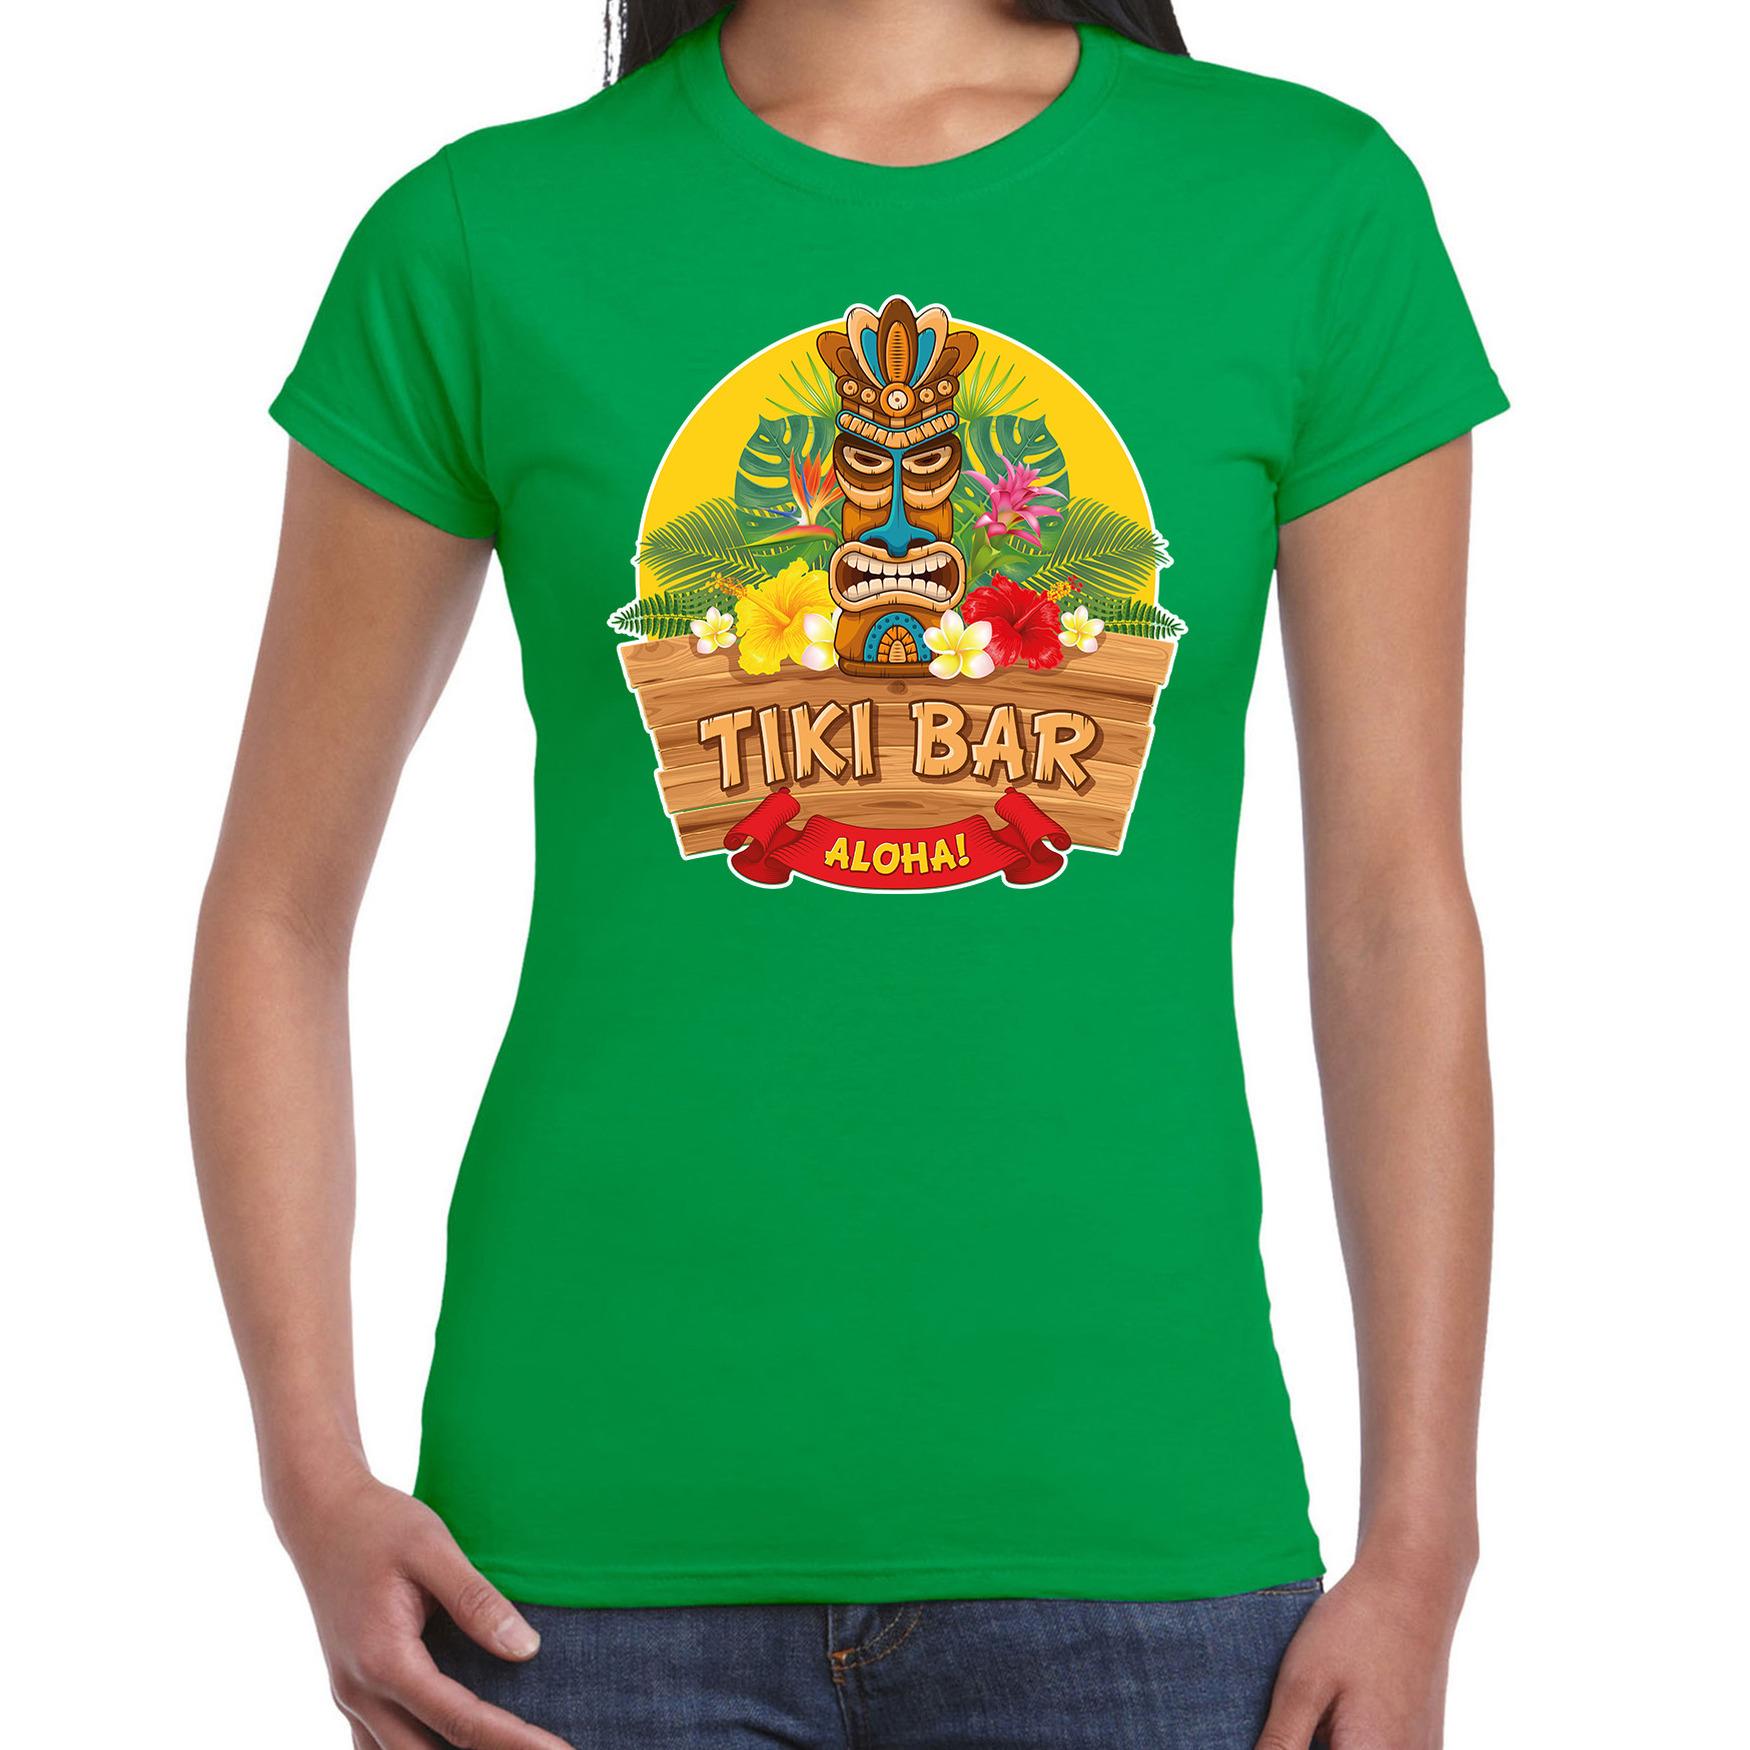 Hawaii feest t-shirt - shirt tiki bar Aloha groen voor dames